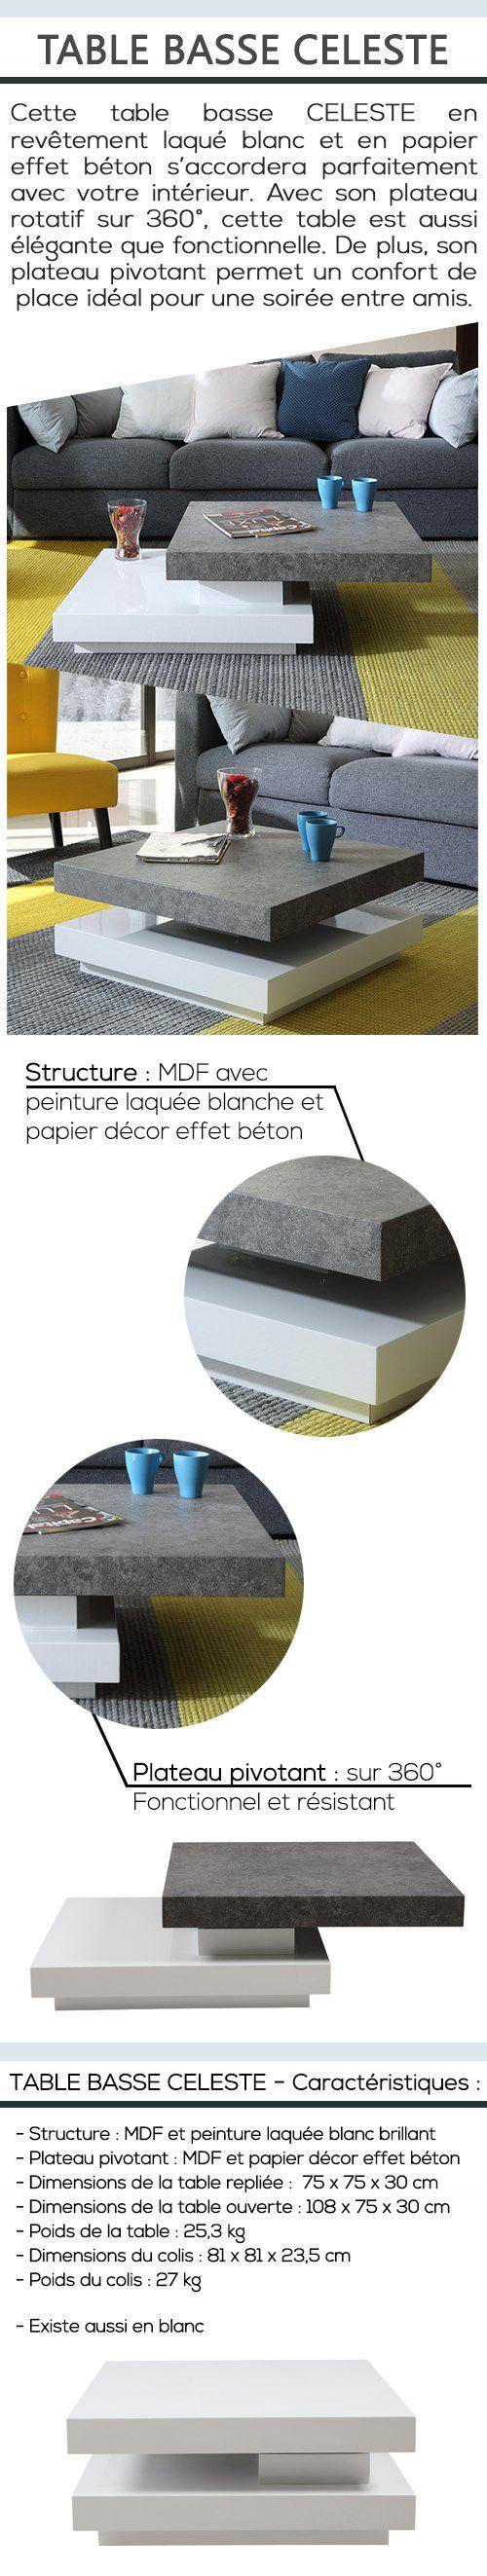 Basse Table Décor Blanc Et Celeste Contemporain Laqué Béton Style xQdCBshtr